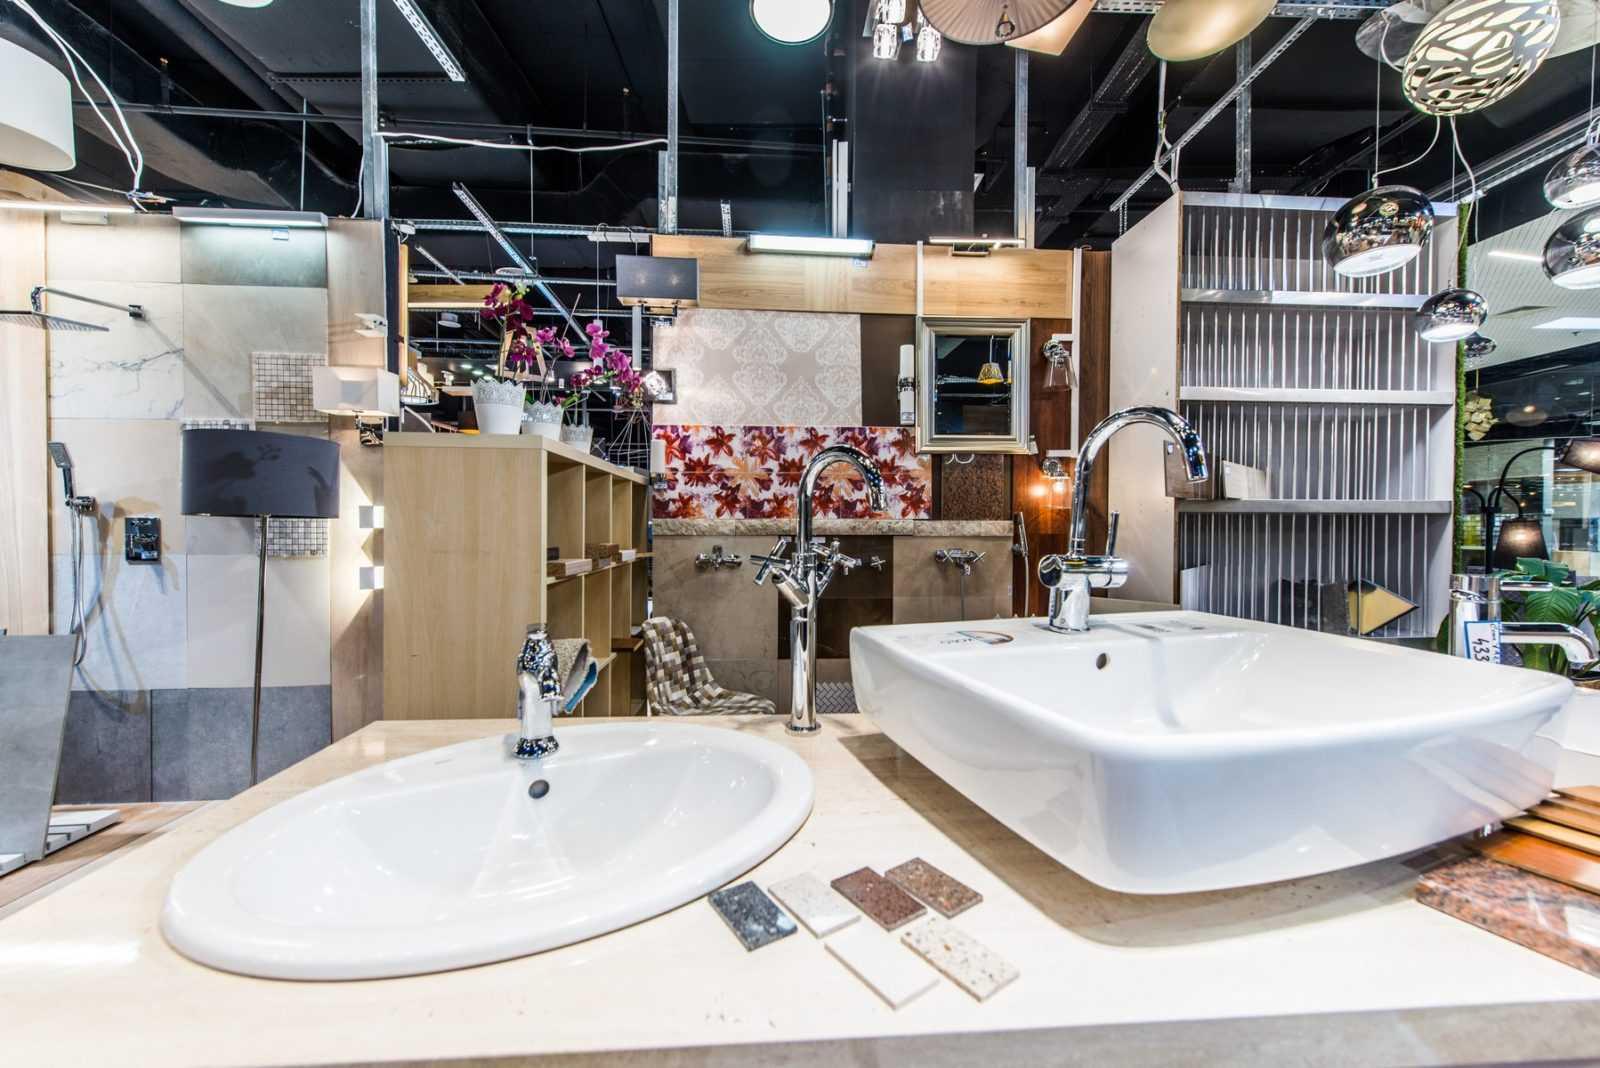 dekorshop showroom sklep z wyposazeniem wnetrz gdansk gdynia trojmiasto (23)